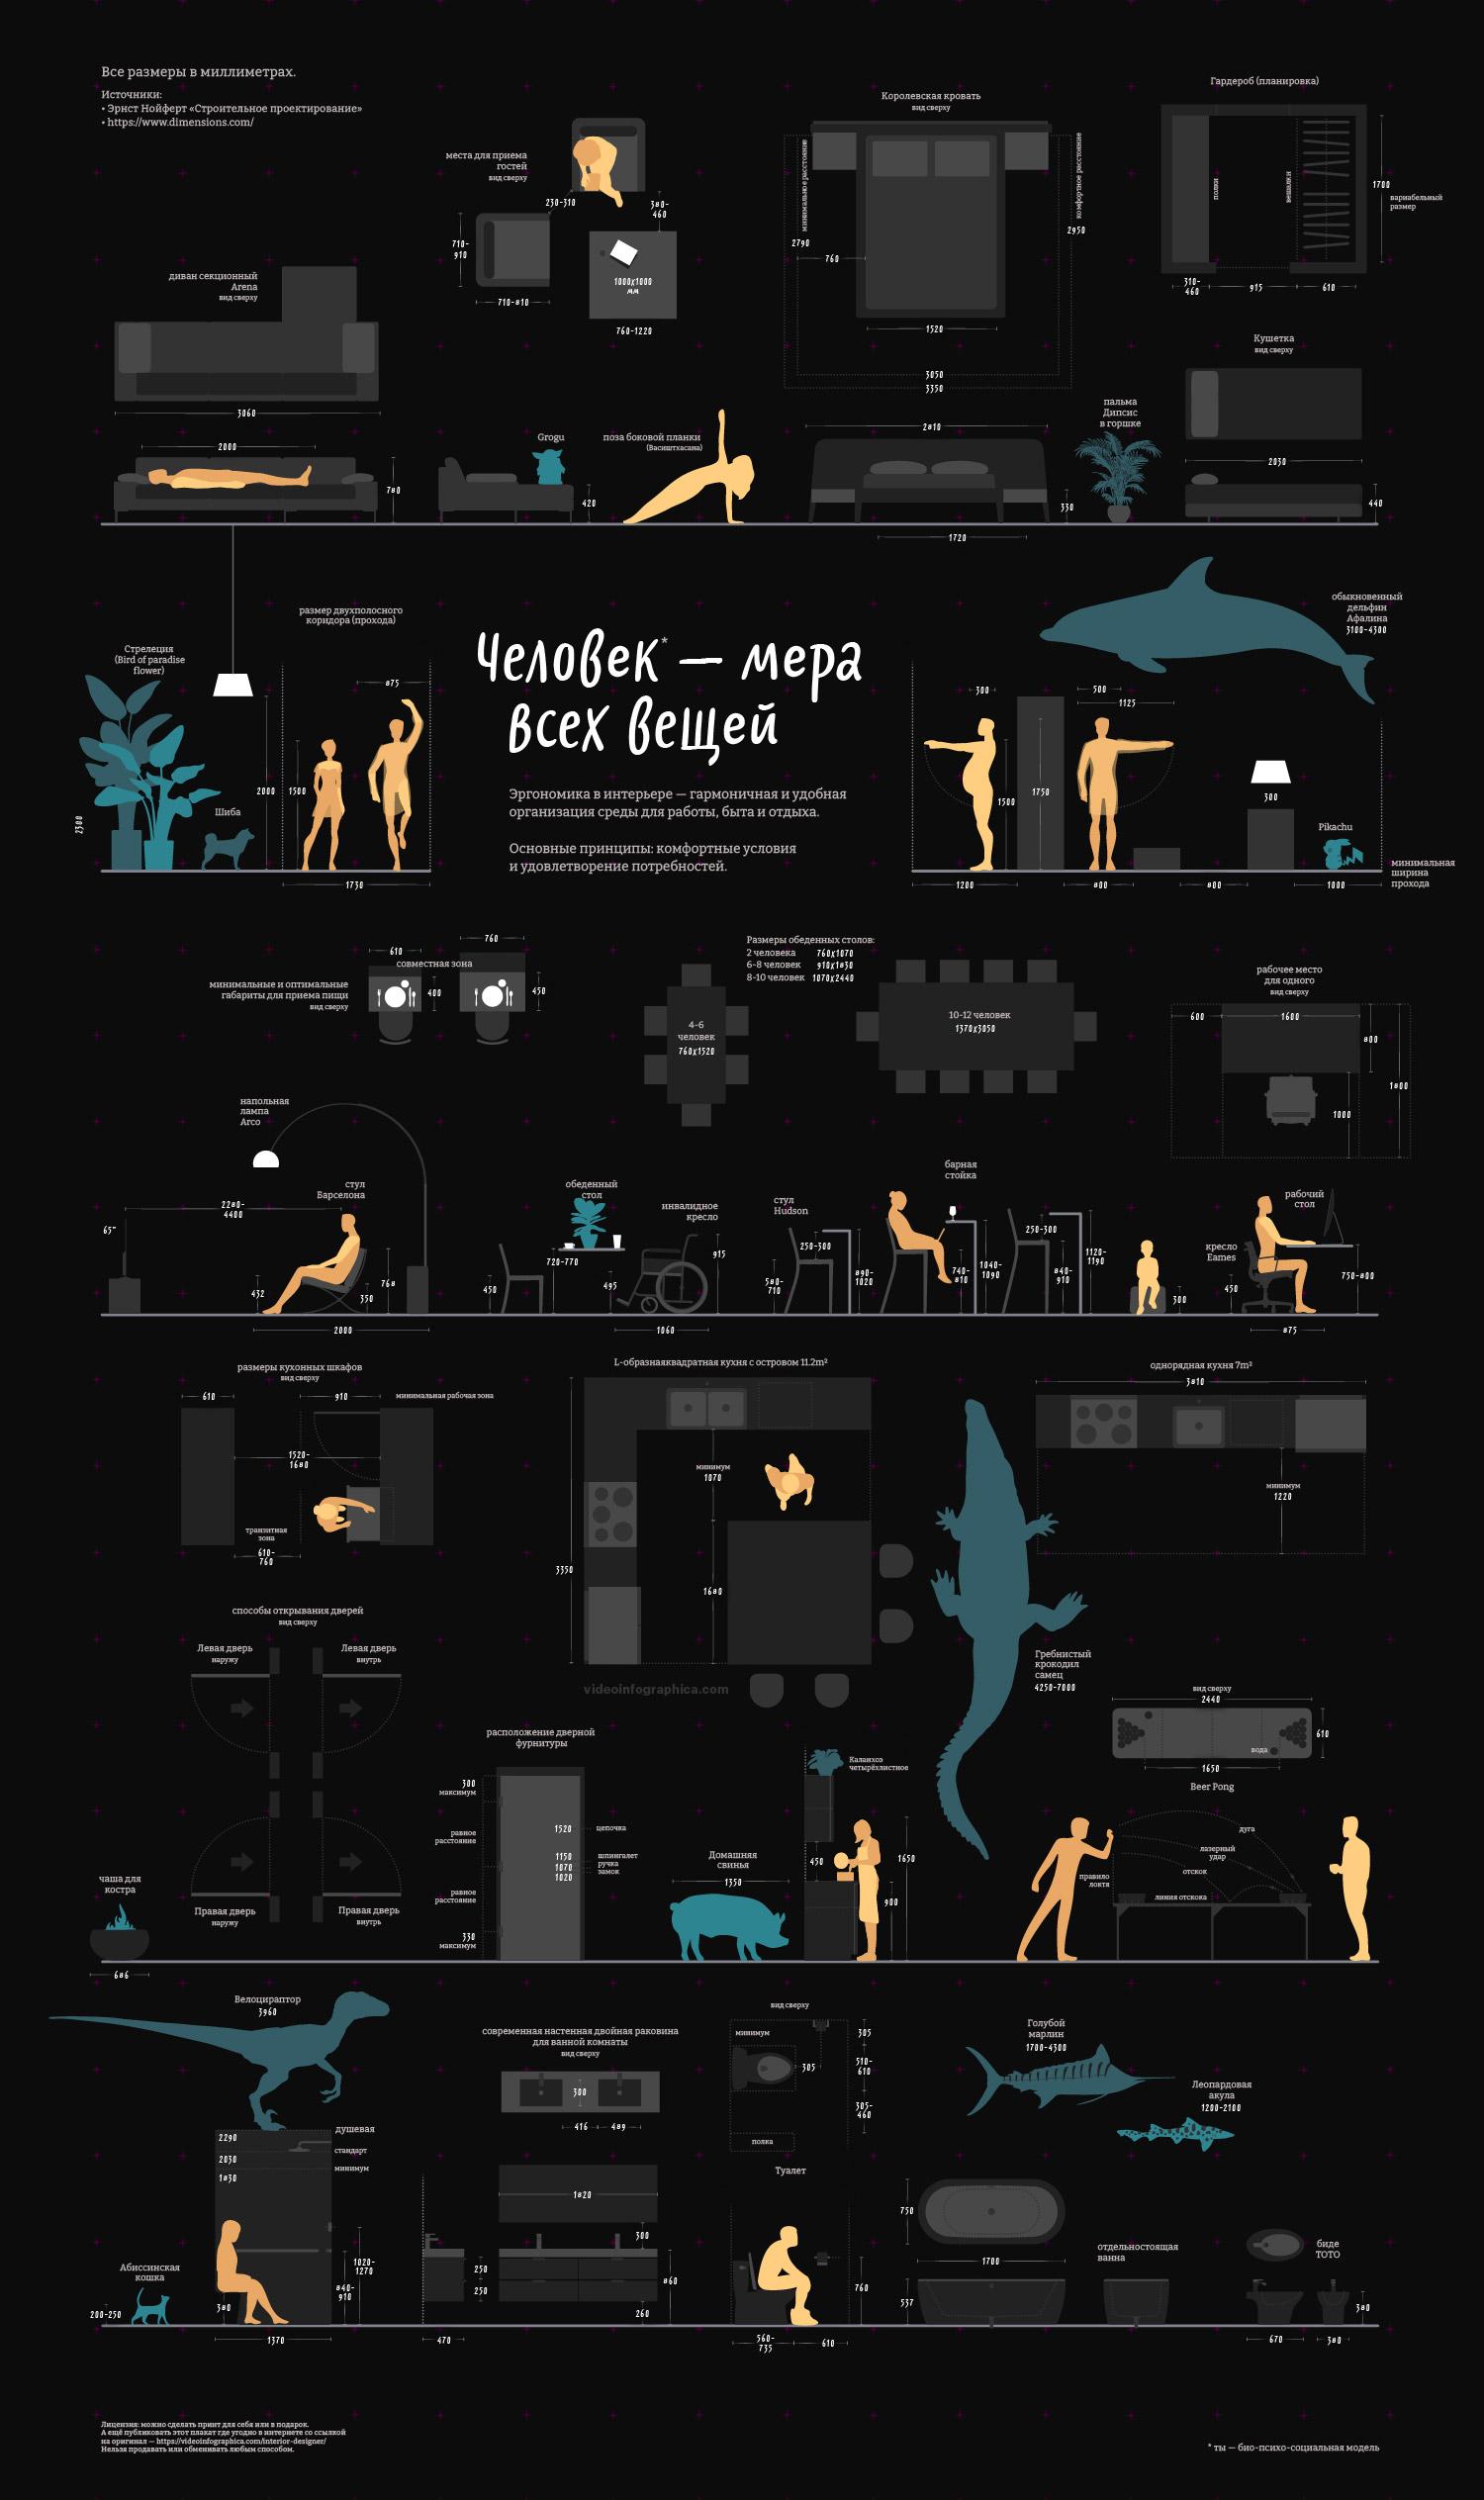 Инфографика эргономика, размеры мебели, кухни, параметры человека, габариты кухни спальни и рабочего места. Вариант на черном фоне.